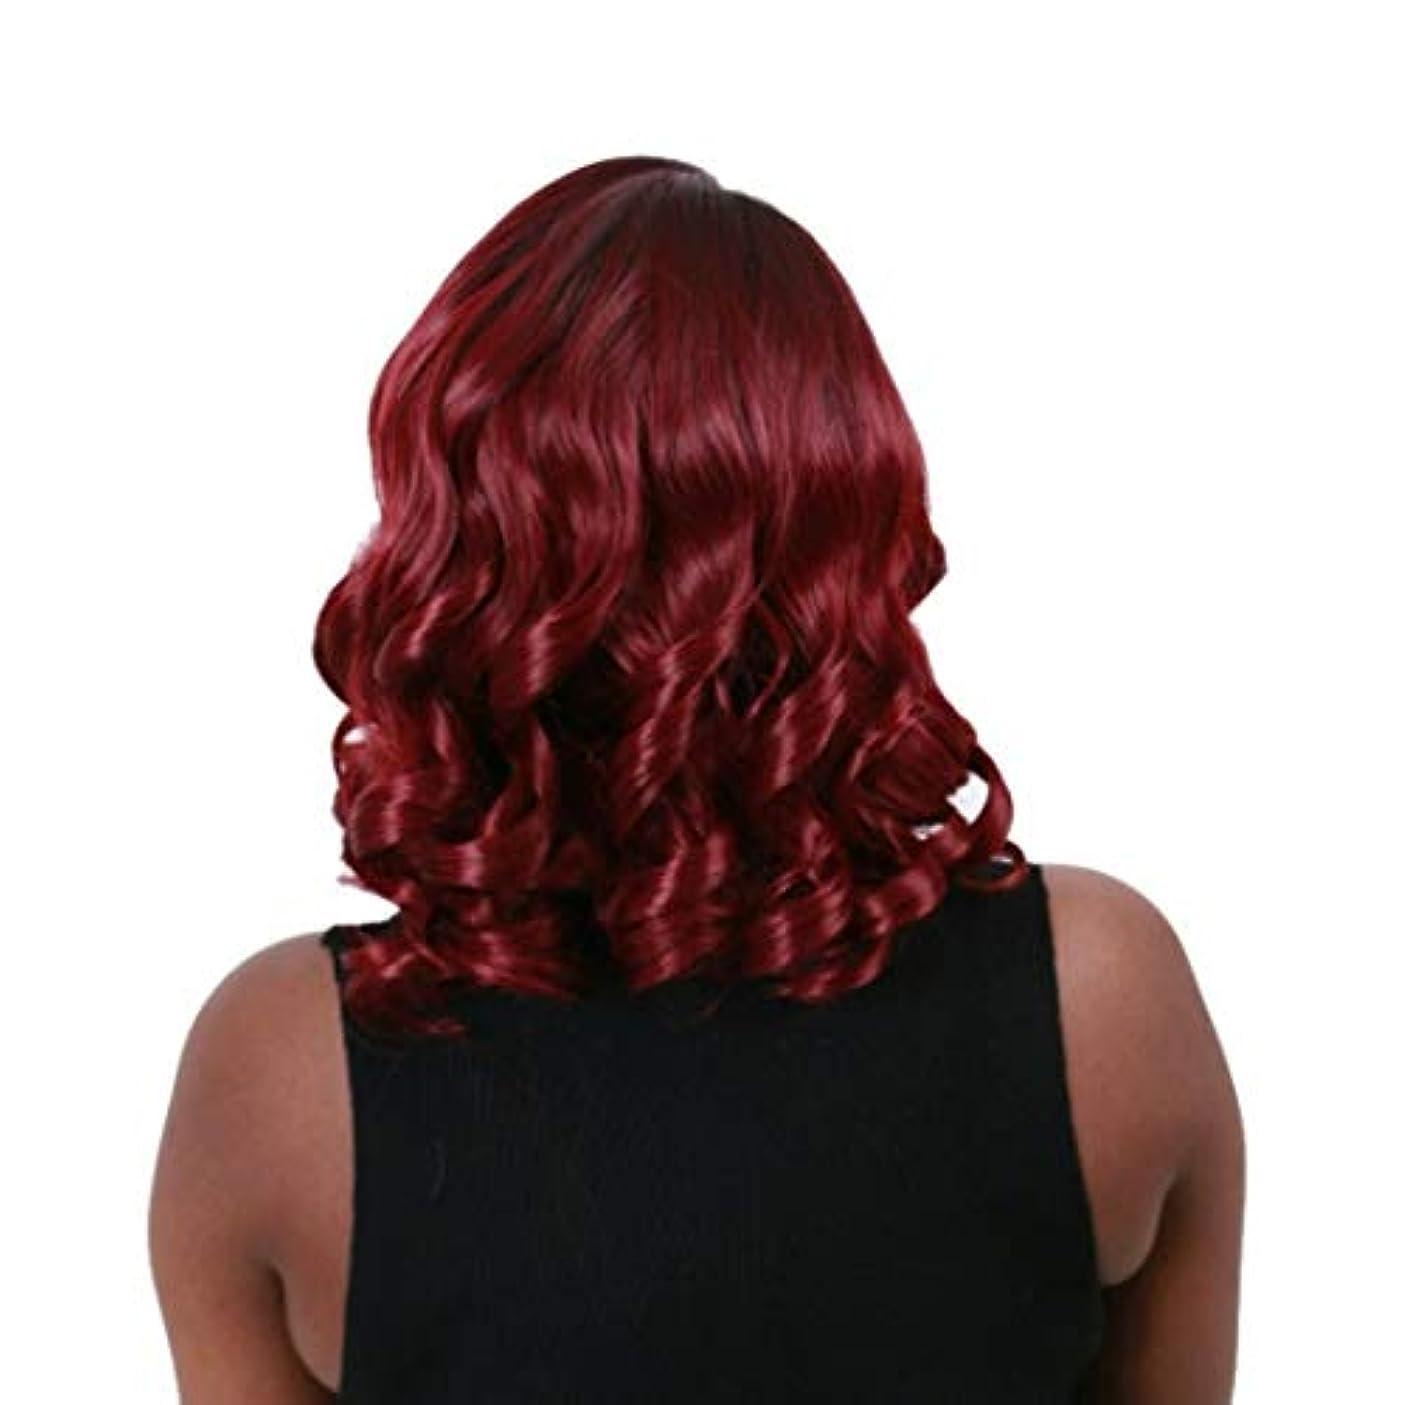 ネブかる本物のKerwinner かつら女性のための傾斜前髪ショートカーリーヘアーワインレッド高温シルクウィッグ